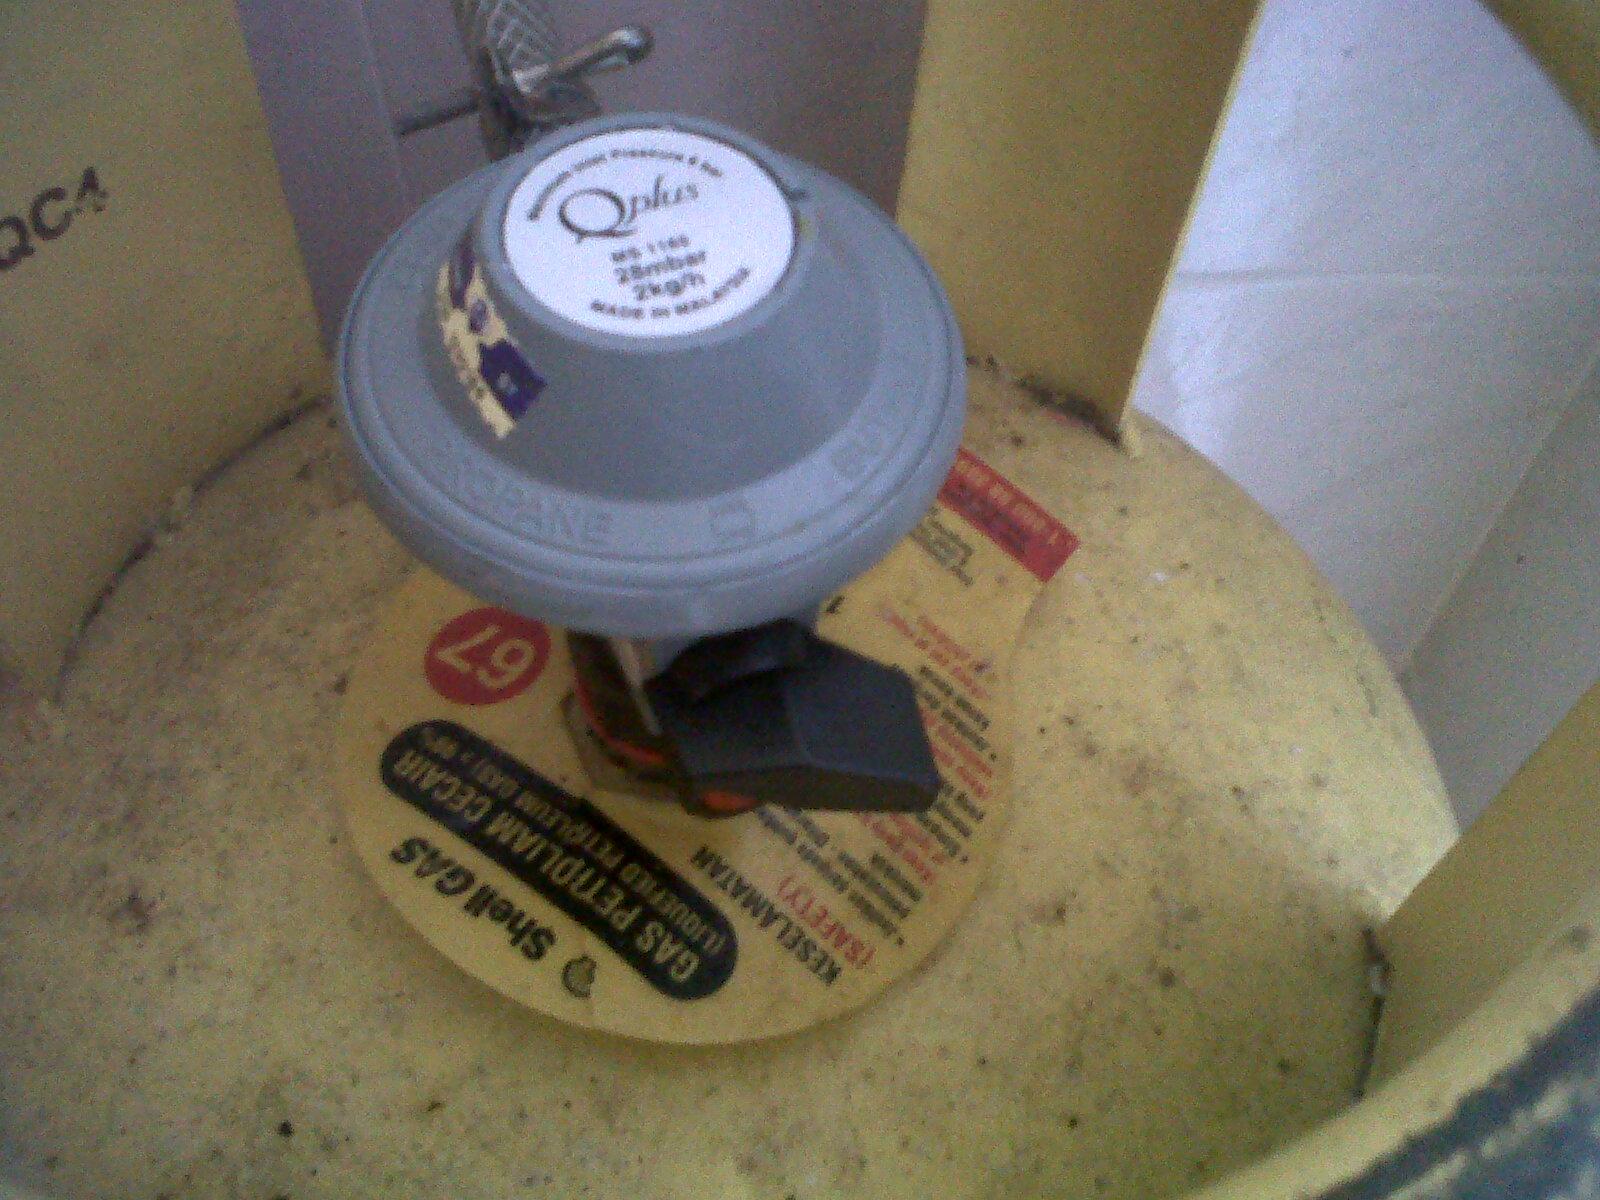 Rkan Kunci Kepala Gas Ke Arah Kanan 90 Darjah Kat Sini Lock Posisi Tapi Tak Keluar Dari Tong